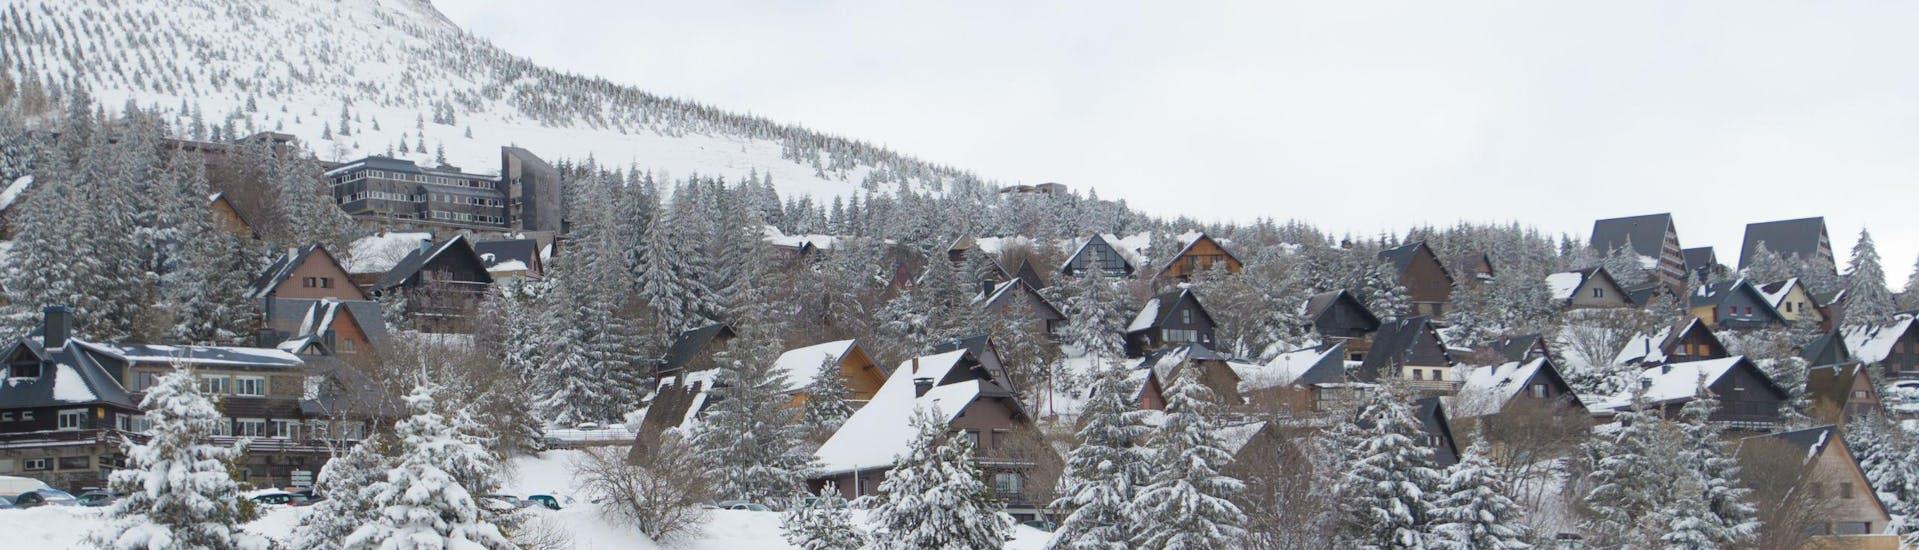 Une vue du village pittoresque de Besse - Super-Besse, une station de ski française où les visiteurs peuvent réserver des cours de ski avec les écoles de ski locales.